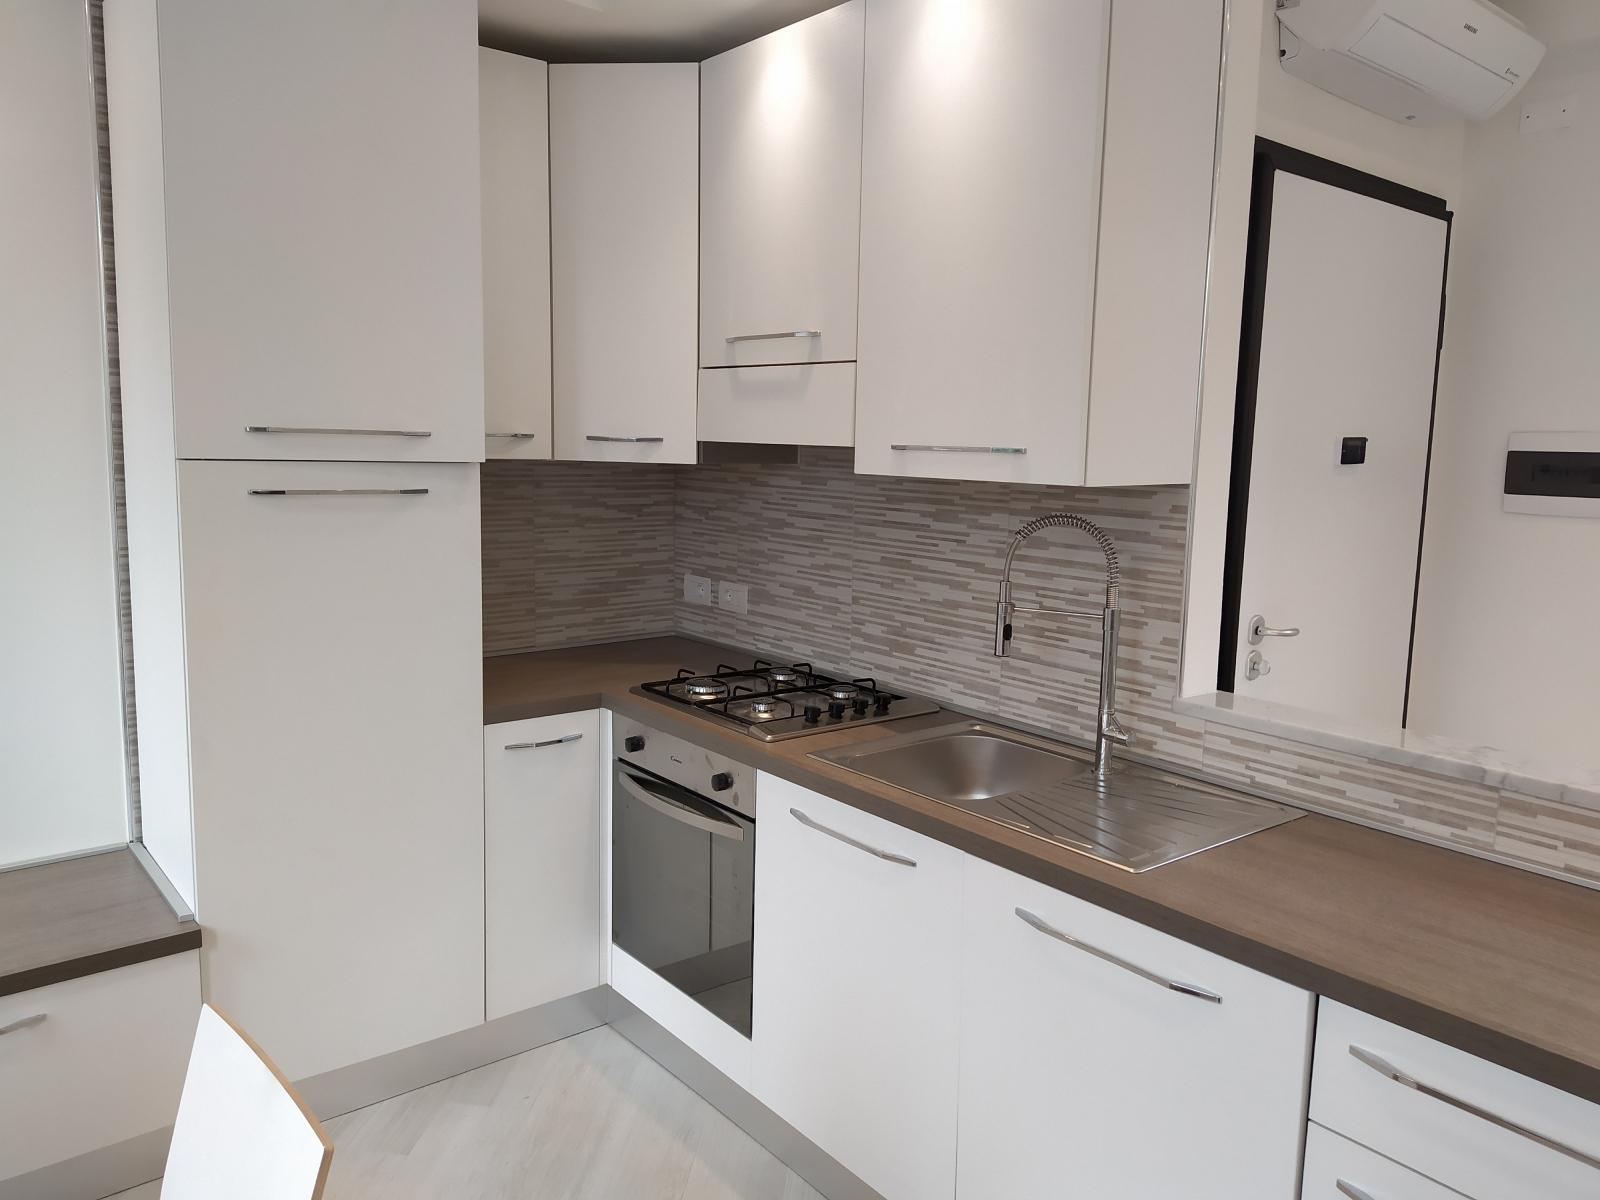 appartamento-in-vendita-milano-bovisa-piazza-dergano-3-locali-con-terrazzo-spaziourbano-immobiliare-vende-4